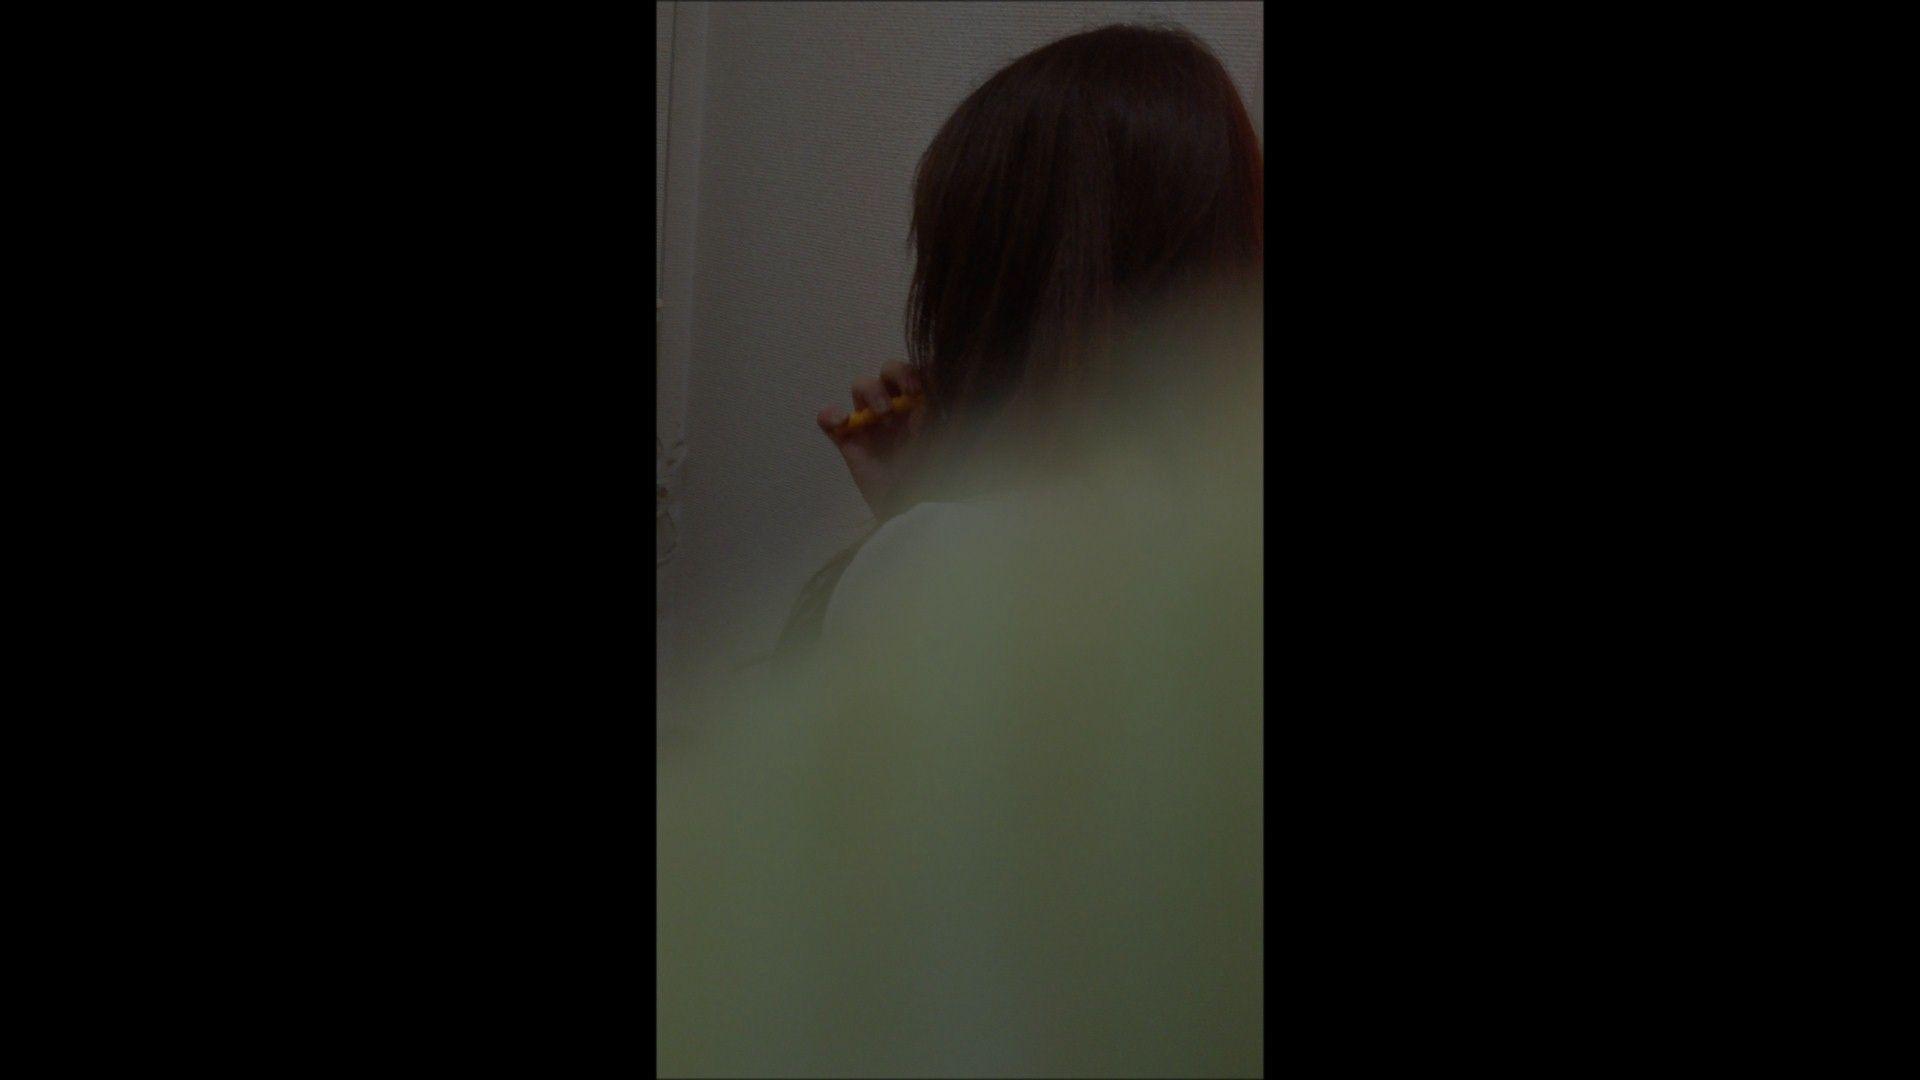 08(8日目)メイク中の彼女の顔を撮りました! マンコ特集 | オマンコ丸見え  59連発 10